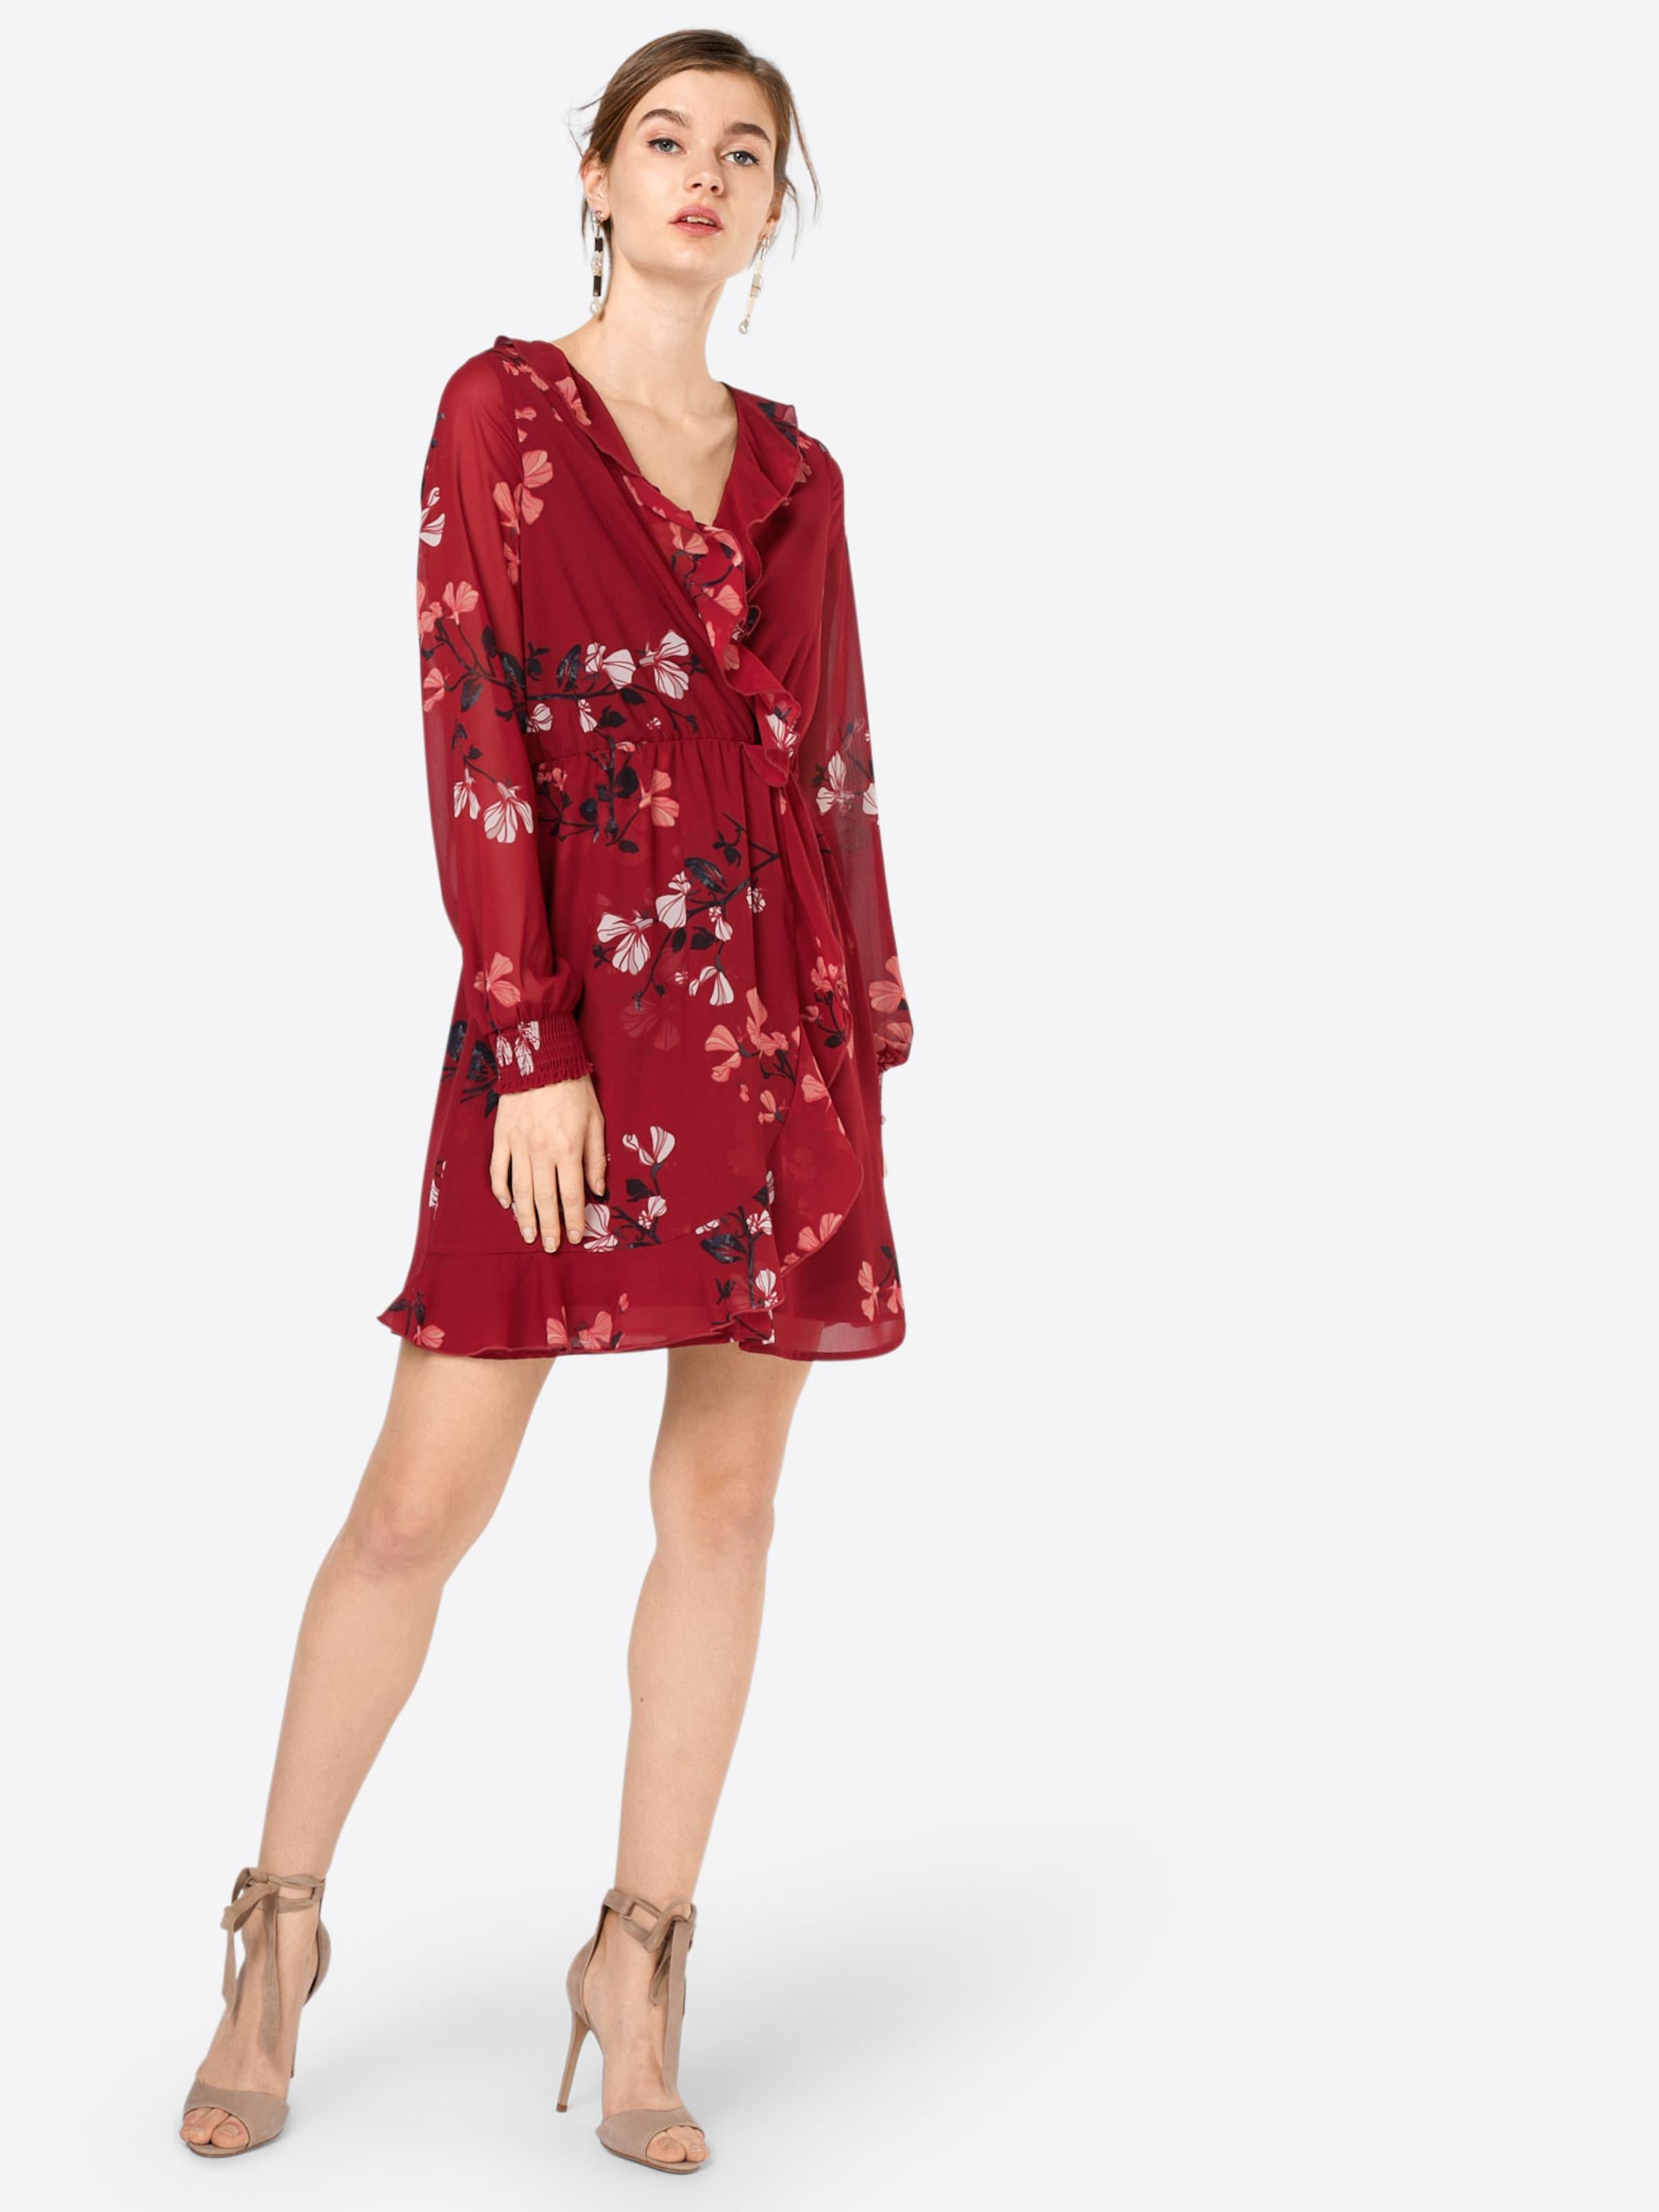 VERO MODA Kleid 'HALLIE FRILL' Billig Verkauf 2018 Neue Verkauf Besten Platz Besuchen Günstigen Preis hqI7kJJ